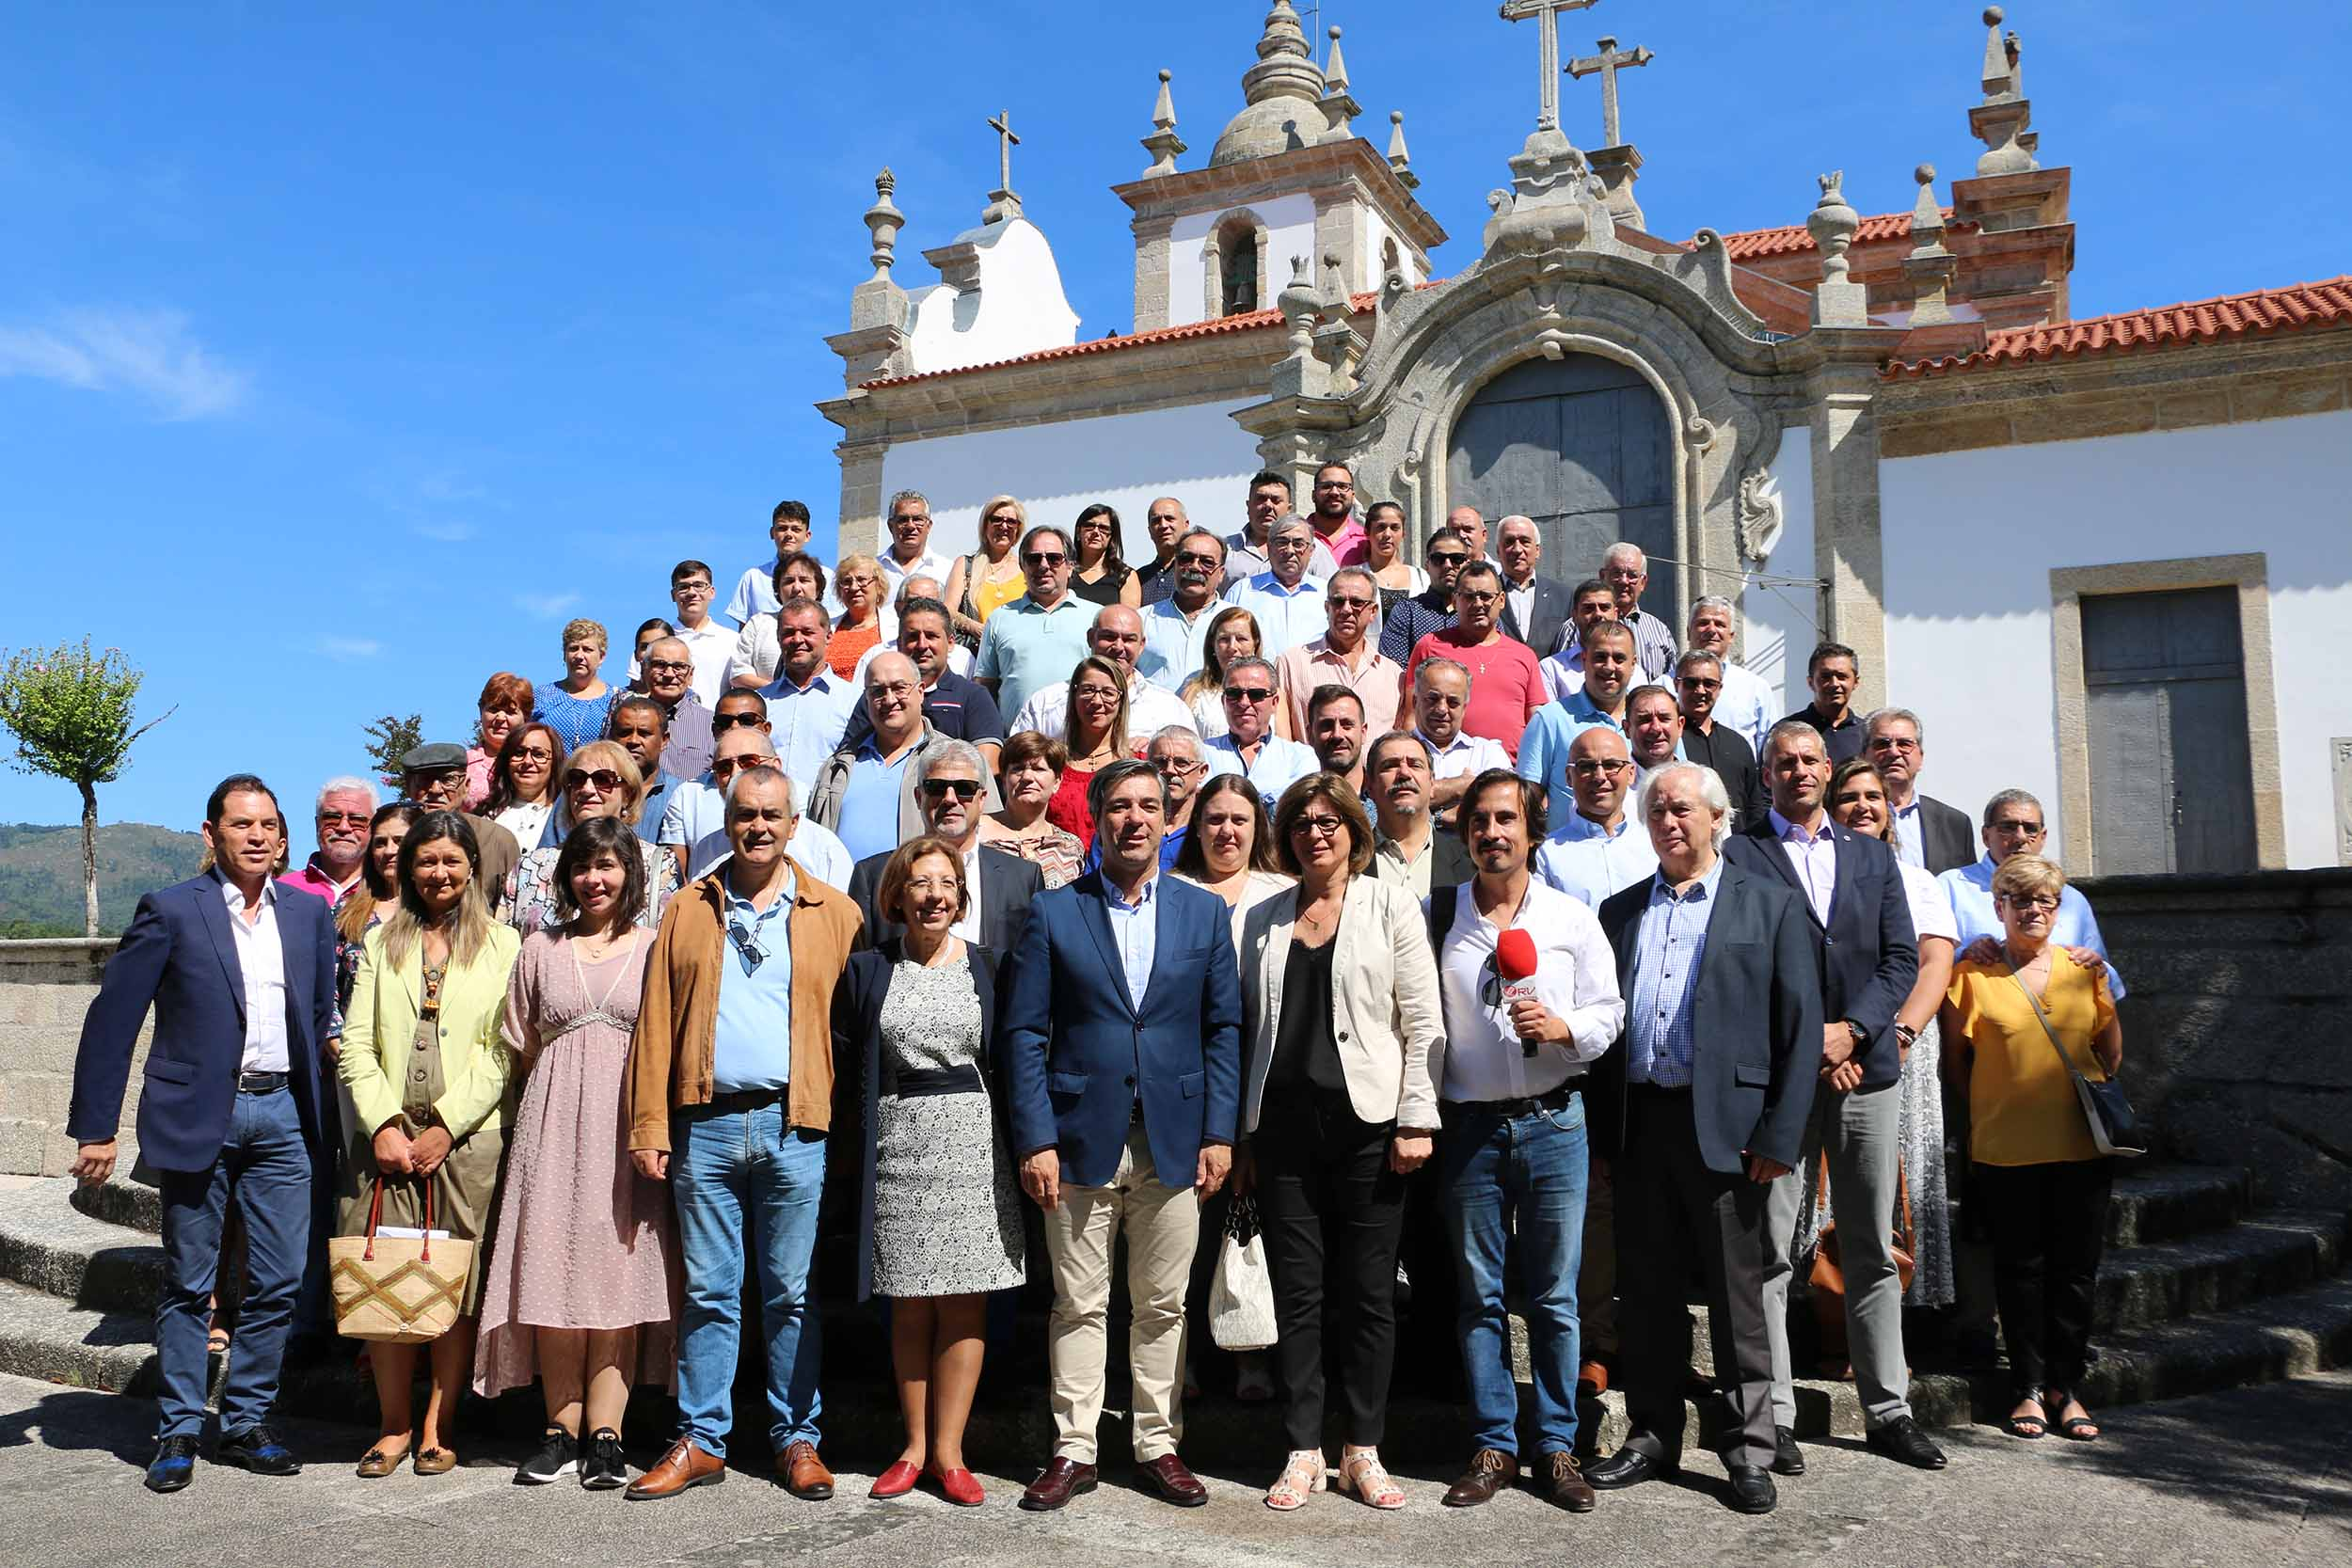 Empresas Em Arcos De Valdevez 6º encontro com a diáspora de arcos de valdevez juntou 40